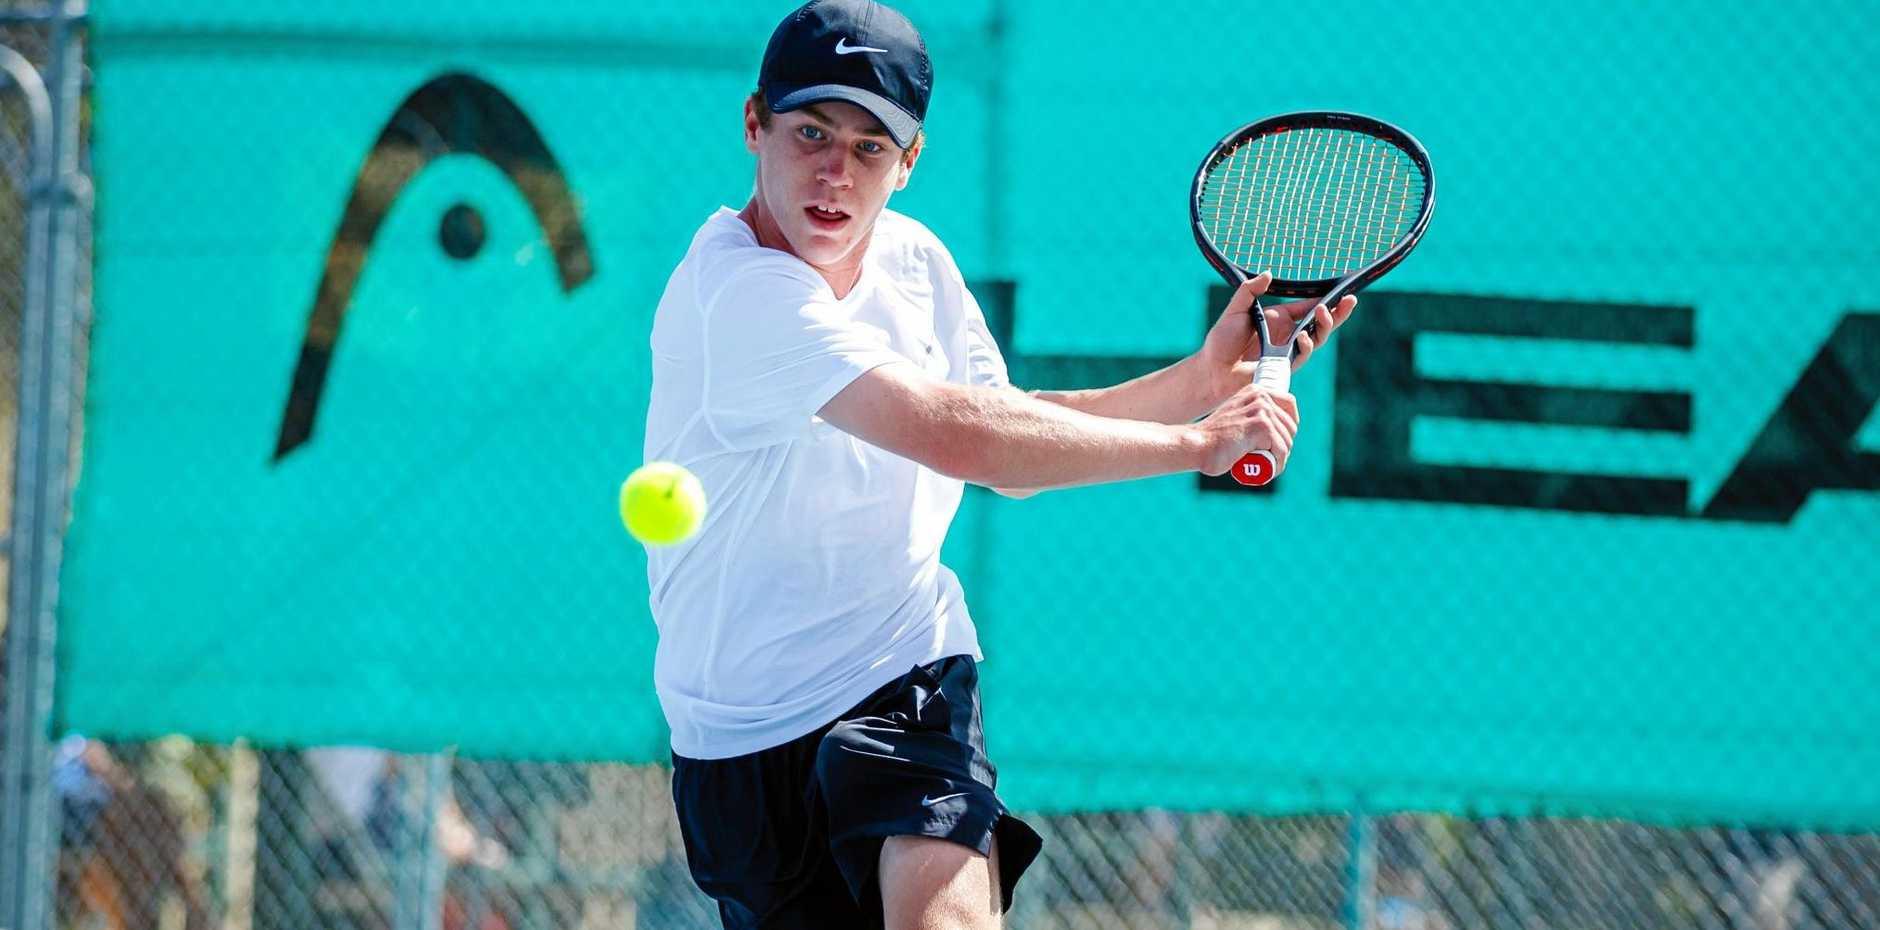 Tennis - Zac Larke from Brisbane in the Men's Final